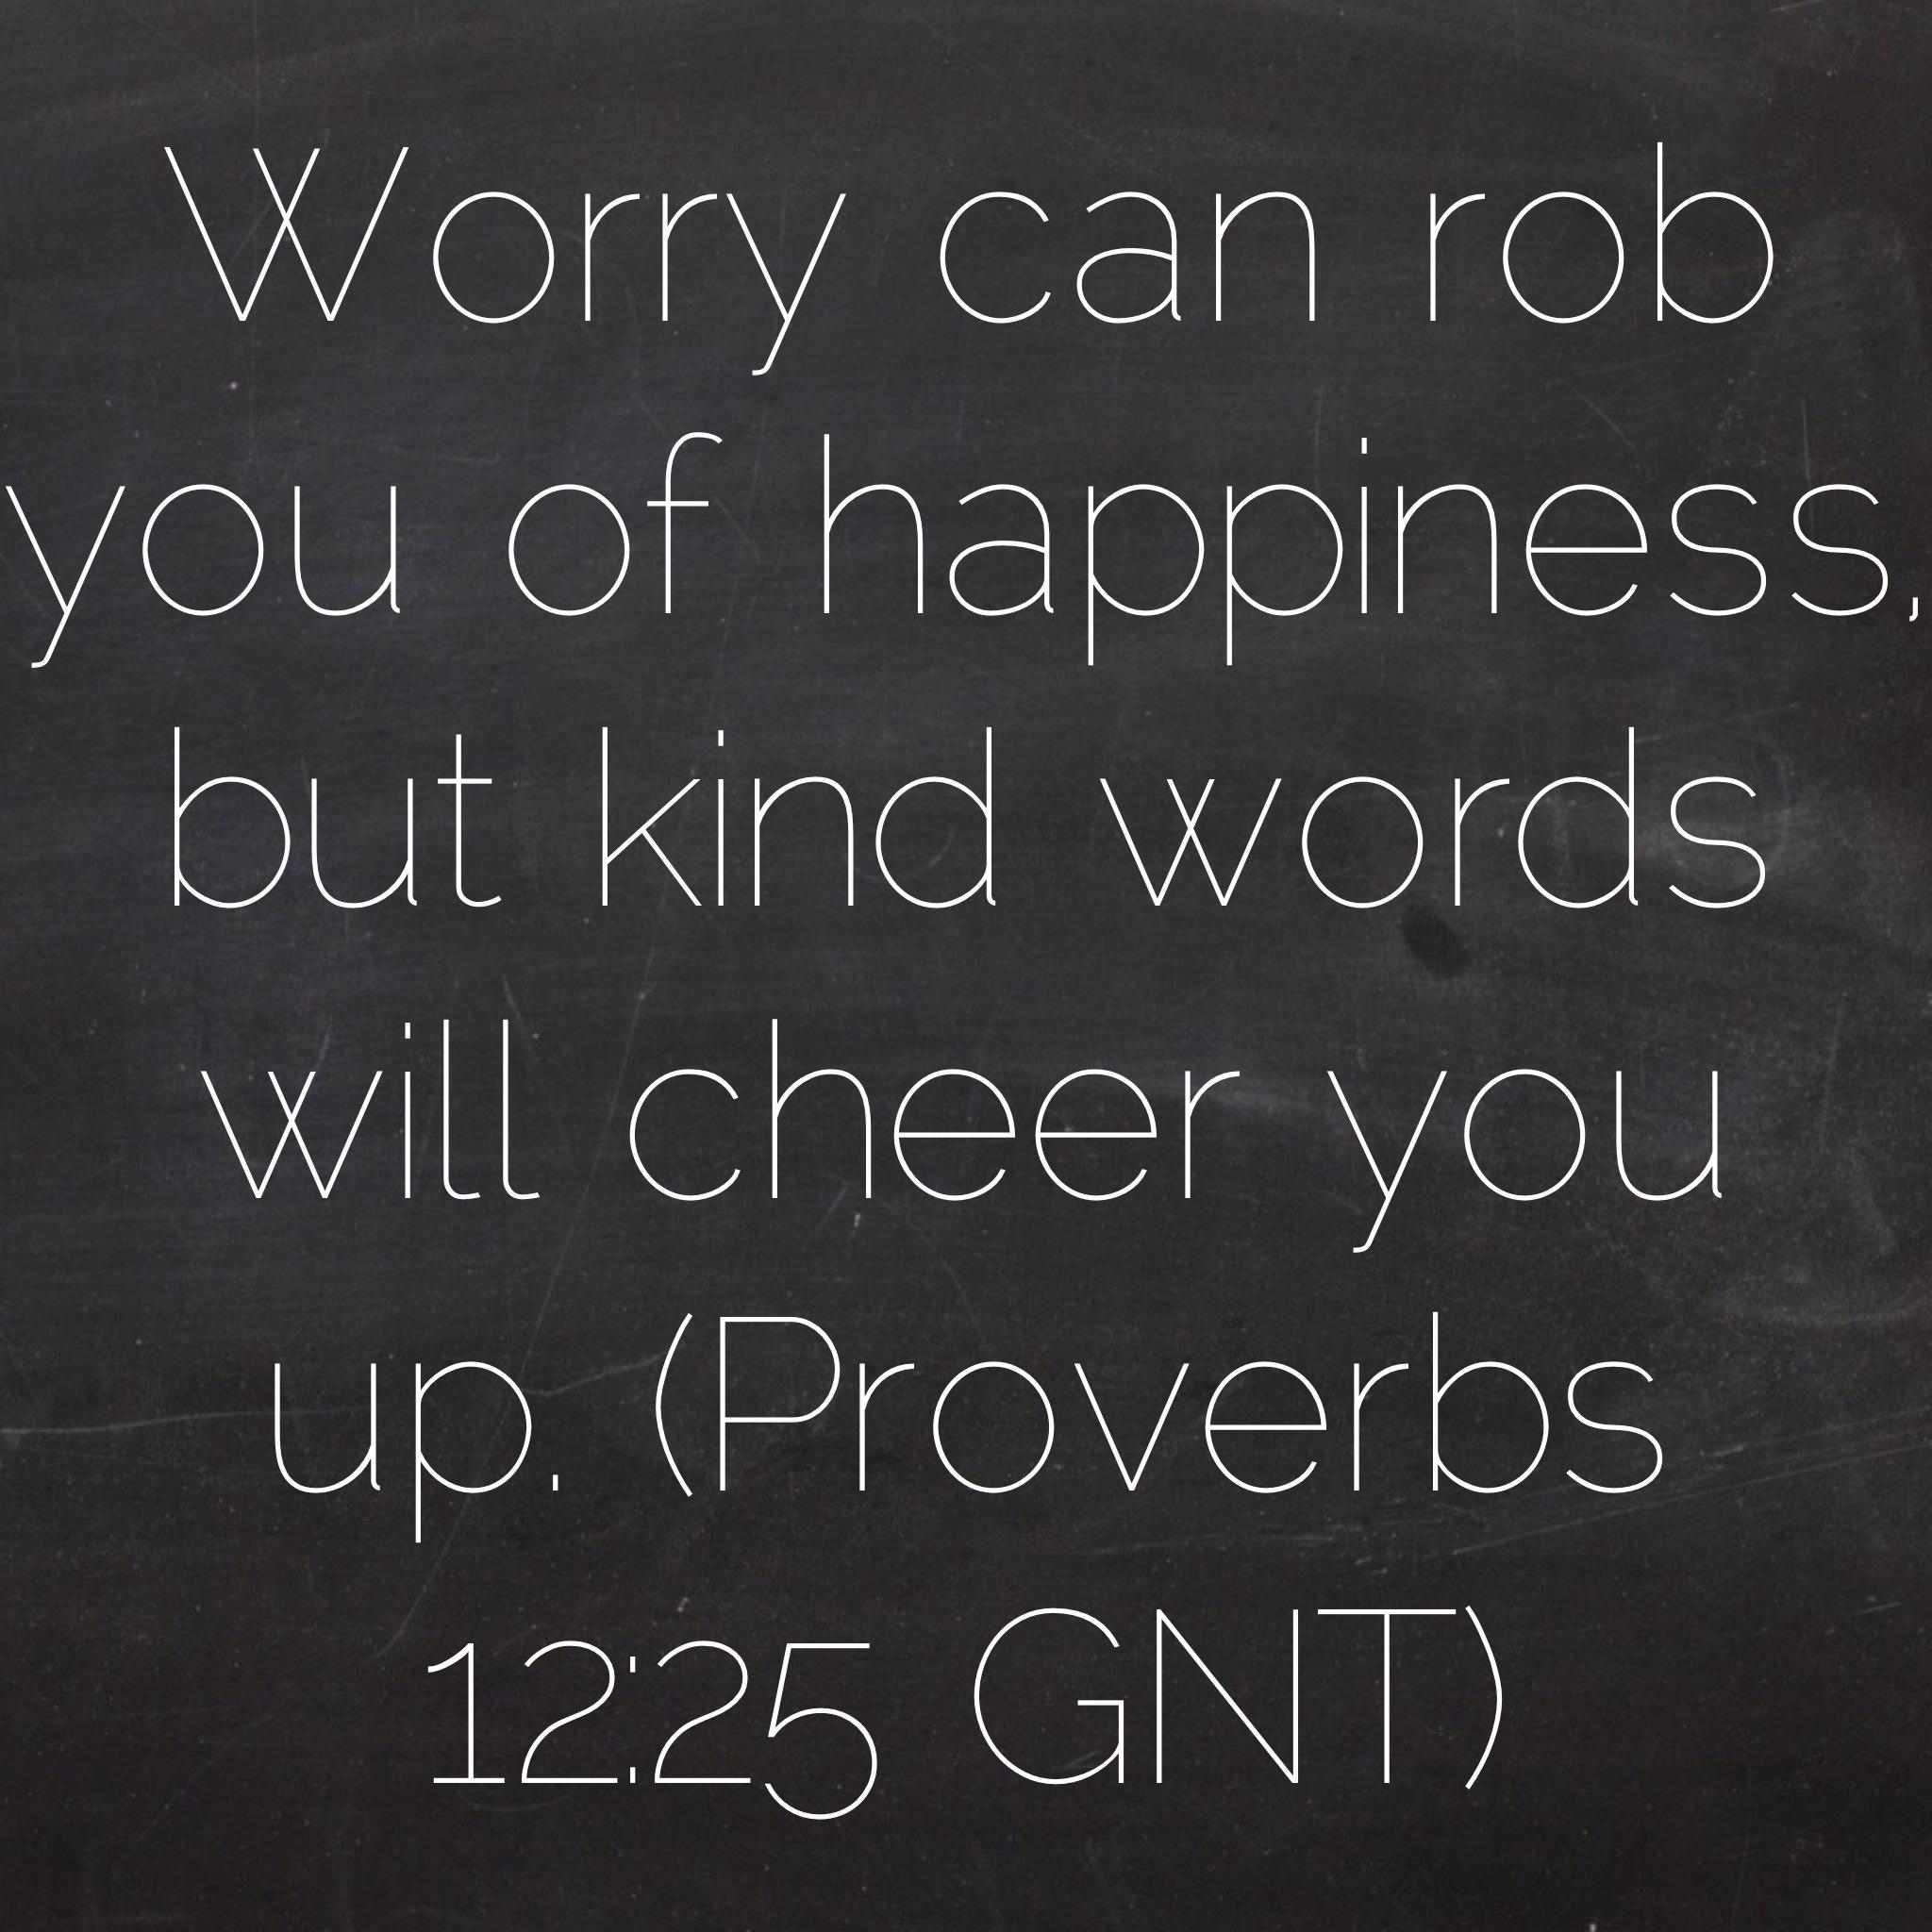 Quotes From The Bible: Joy Quotes From The Bible. QuotesGram